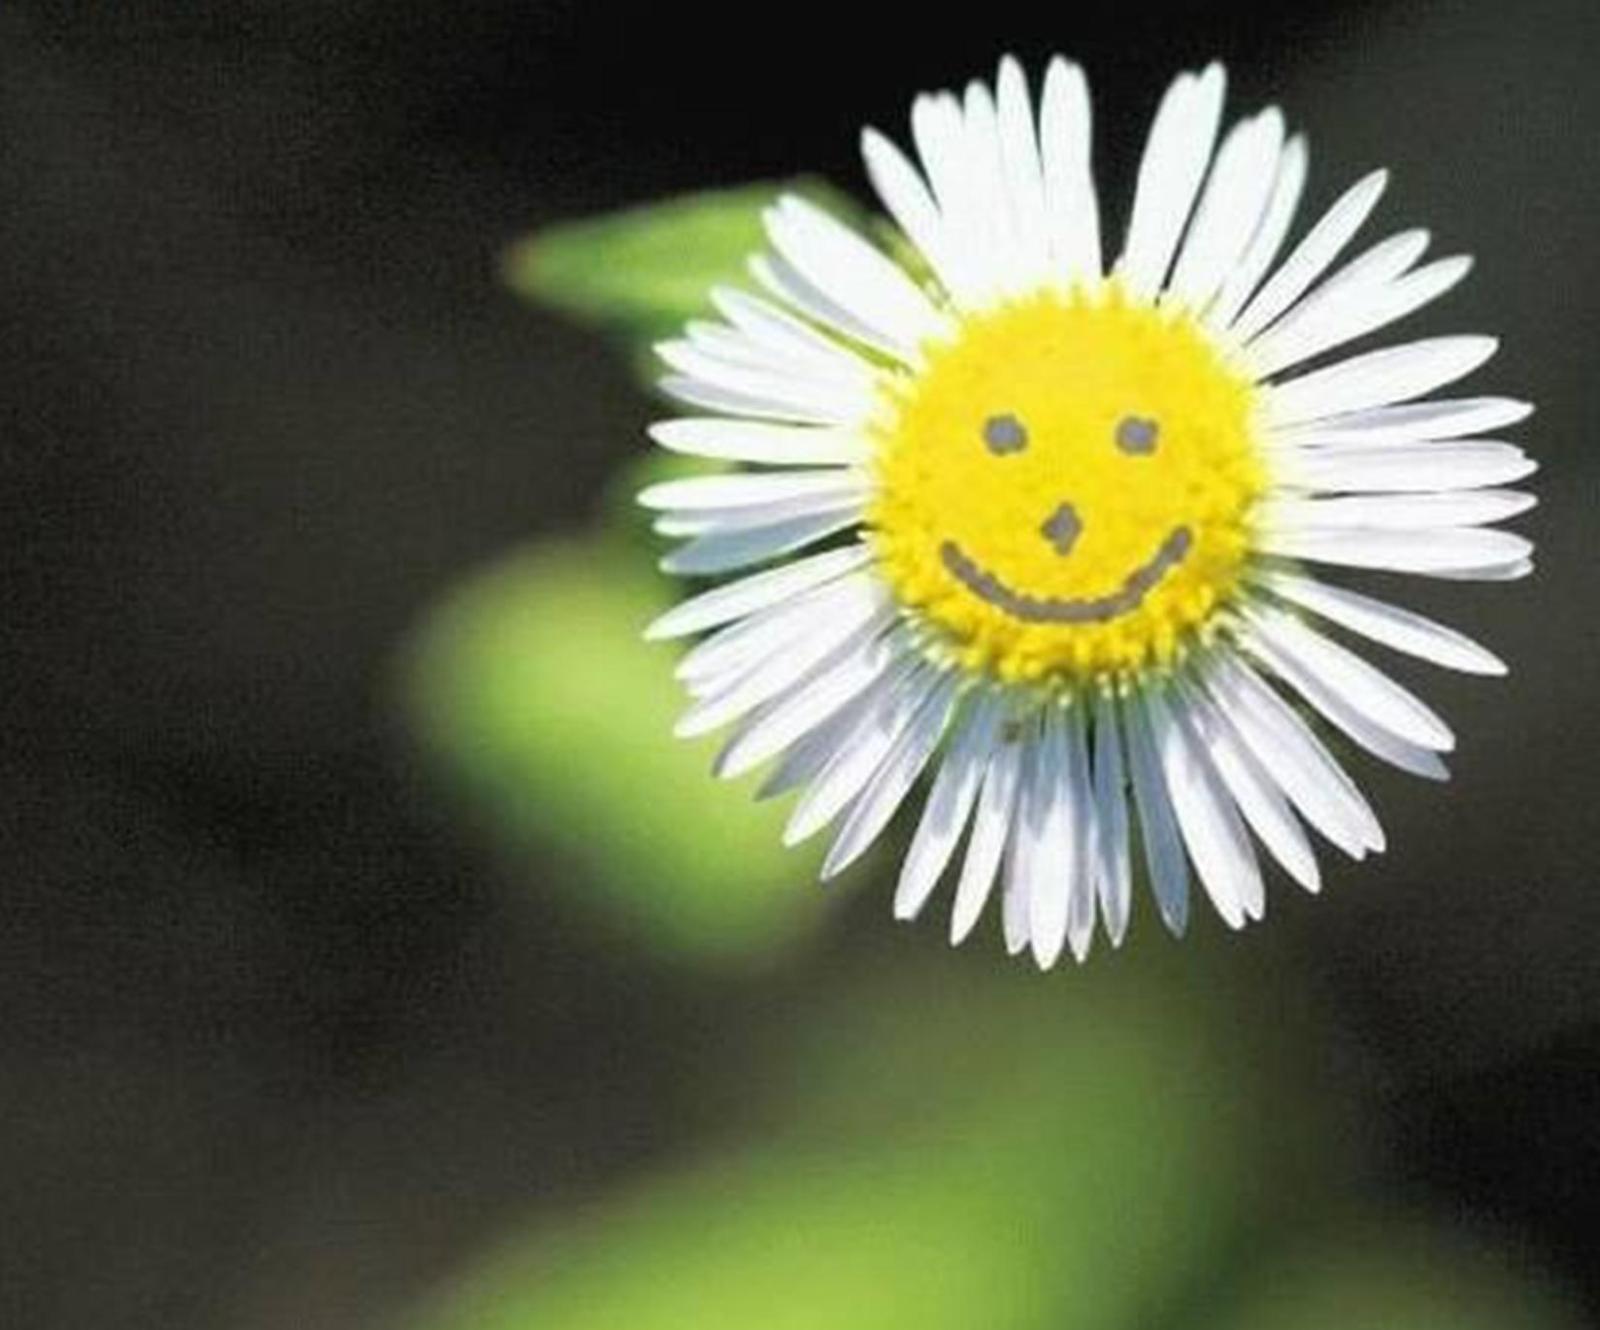 L'Onu ci esorta: oggi sorridiamo, almeno per un giorno si può